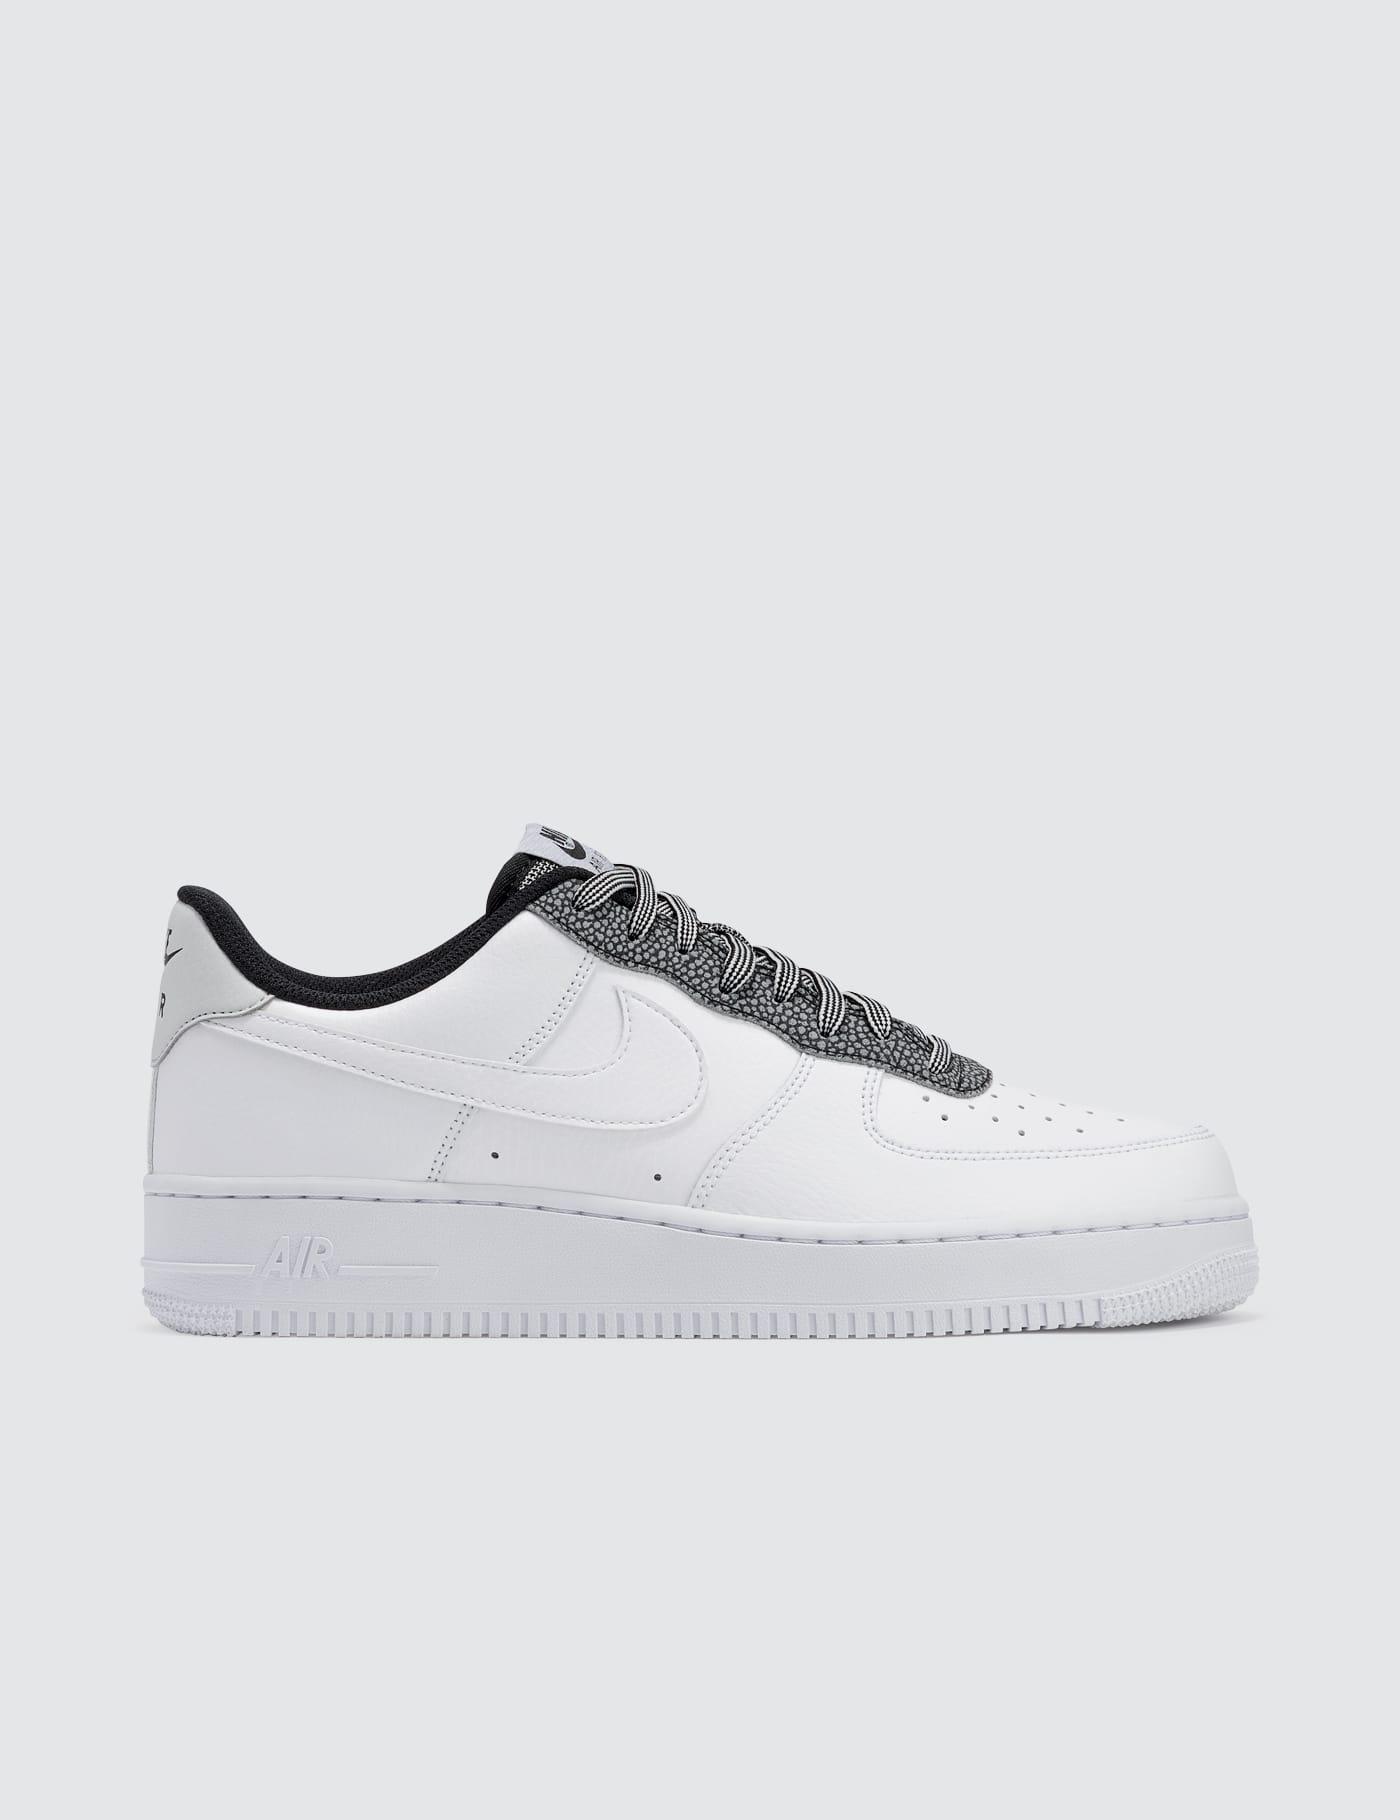 Nike Nike Air Force 1 '07 LV8 4 | HBX